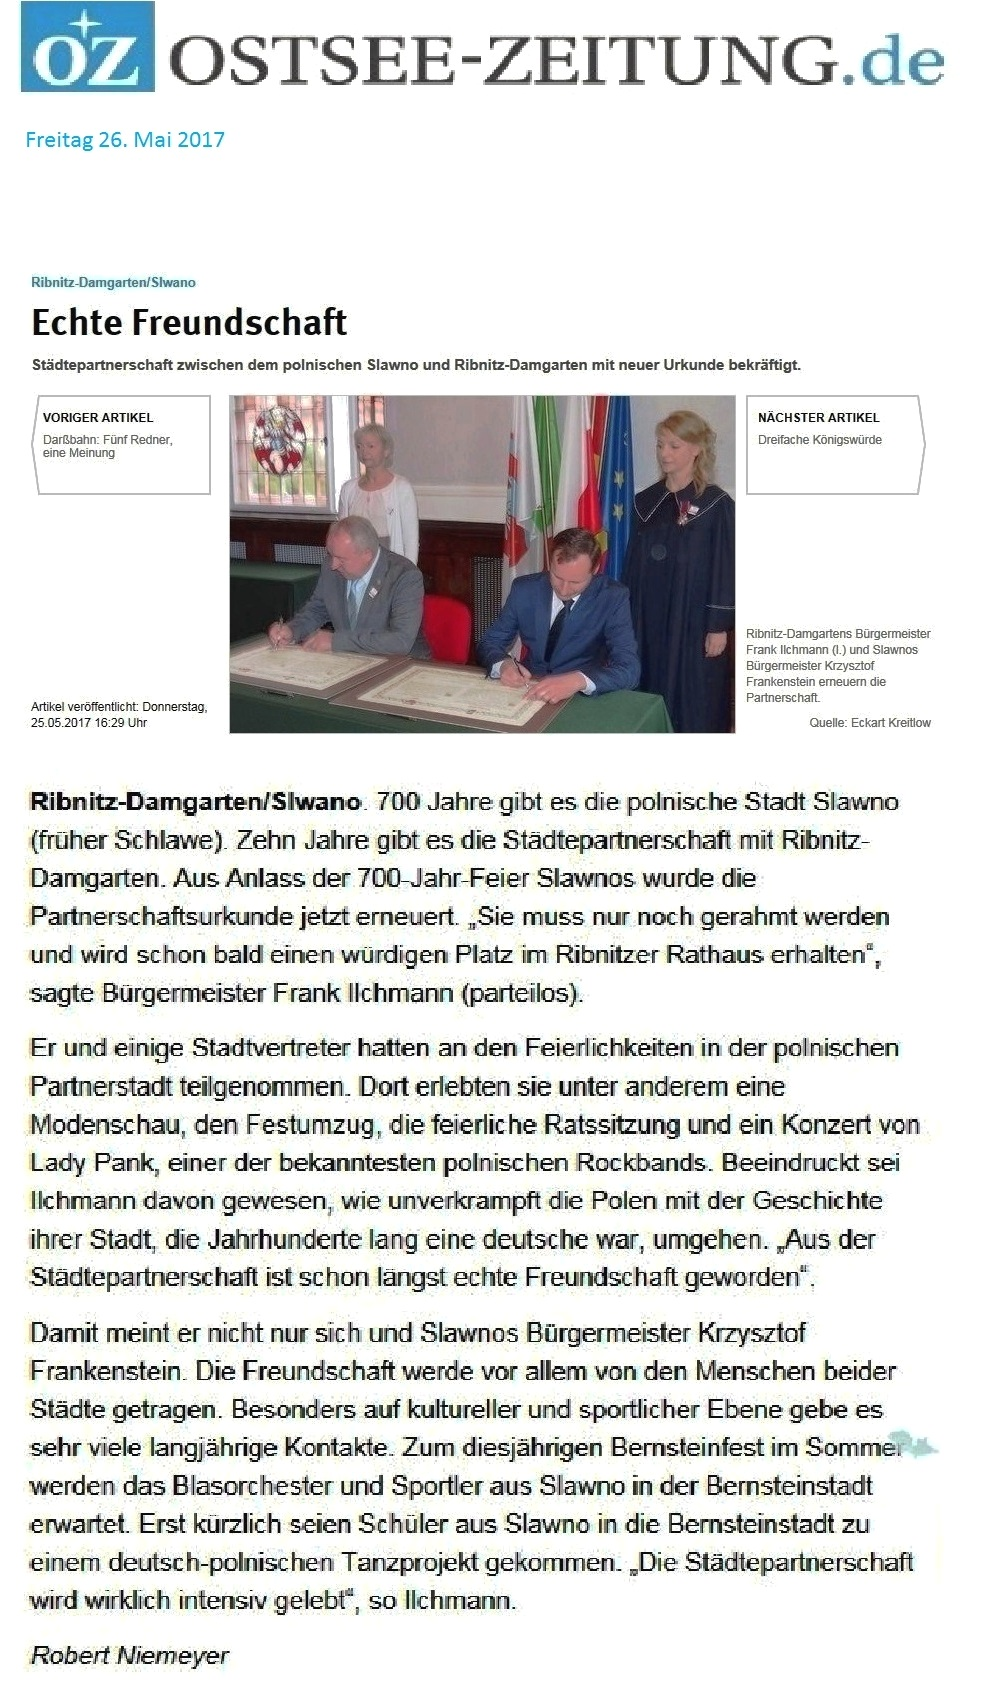 700 Jahre Partnerstadt von Ribnitz-Damgarten Sławno - Beitrag mit Foto in der Ostsee-Zeitung am 26. Mai 2017 | Titelzeile Echte Freundschaft | Autor: Robert Niemeyer - Feierliche Unterzeichnung der Verlängerung des Partnerschaftsvertrages zwischen den beiden Partnerstädten Sławno und Ribnitz-Damgarten. Foto: Eckart Kreitlow - Ostsee-Rundschau.de